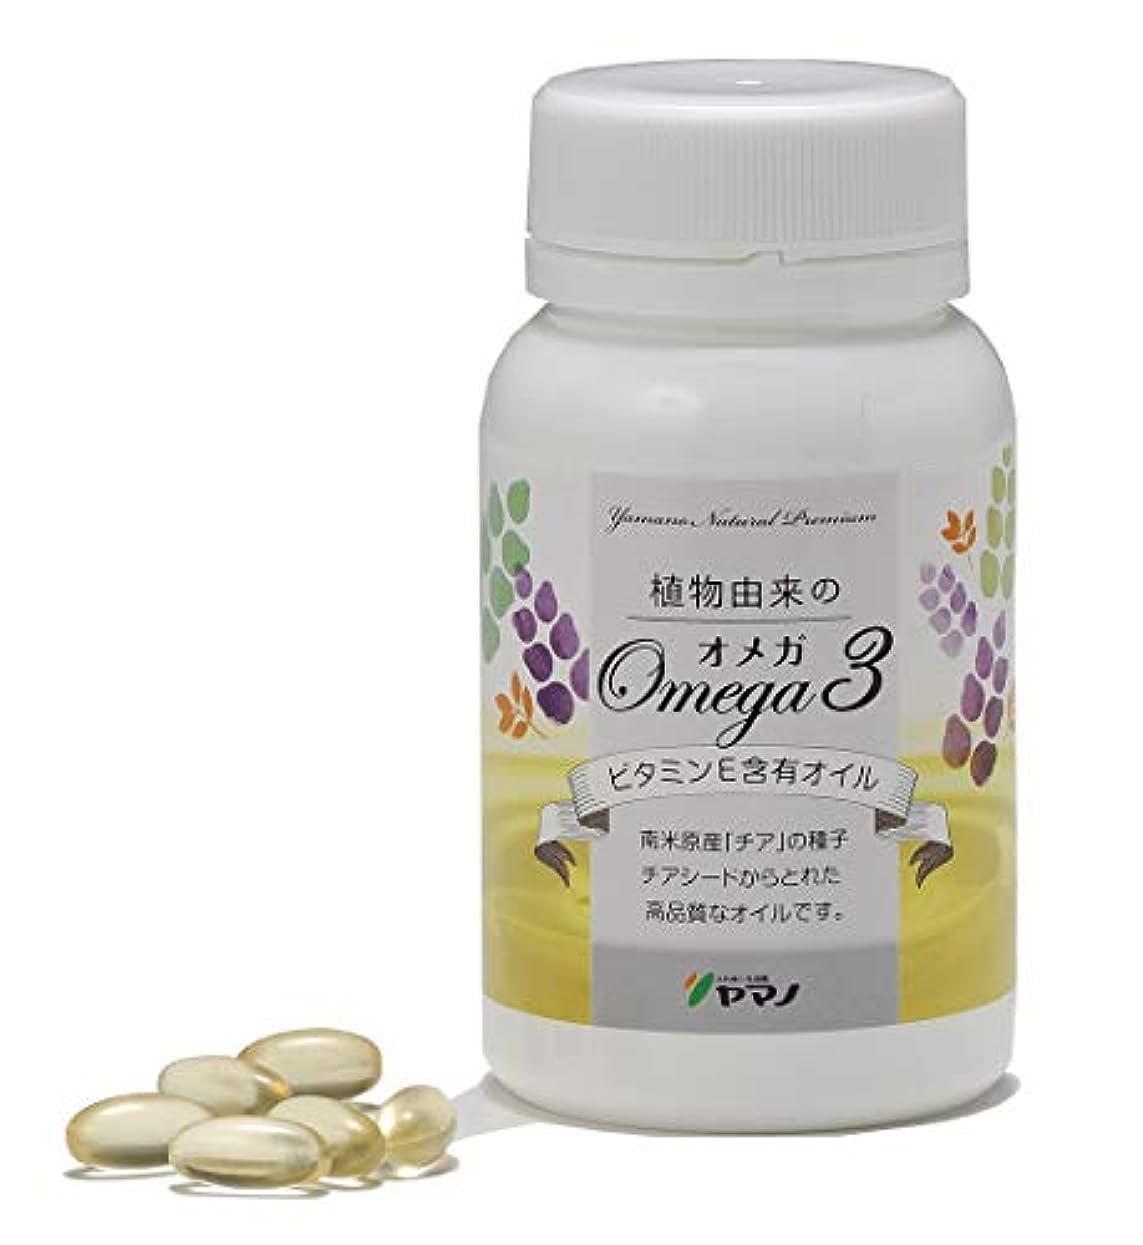 残基コーラス気分が良いふれあい生活館ヤマノ 植物由来のオメガ3(チアシードオイル)